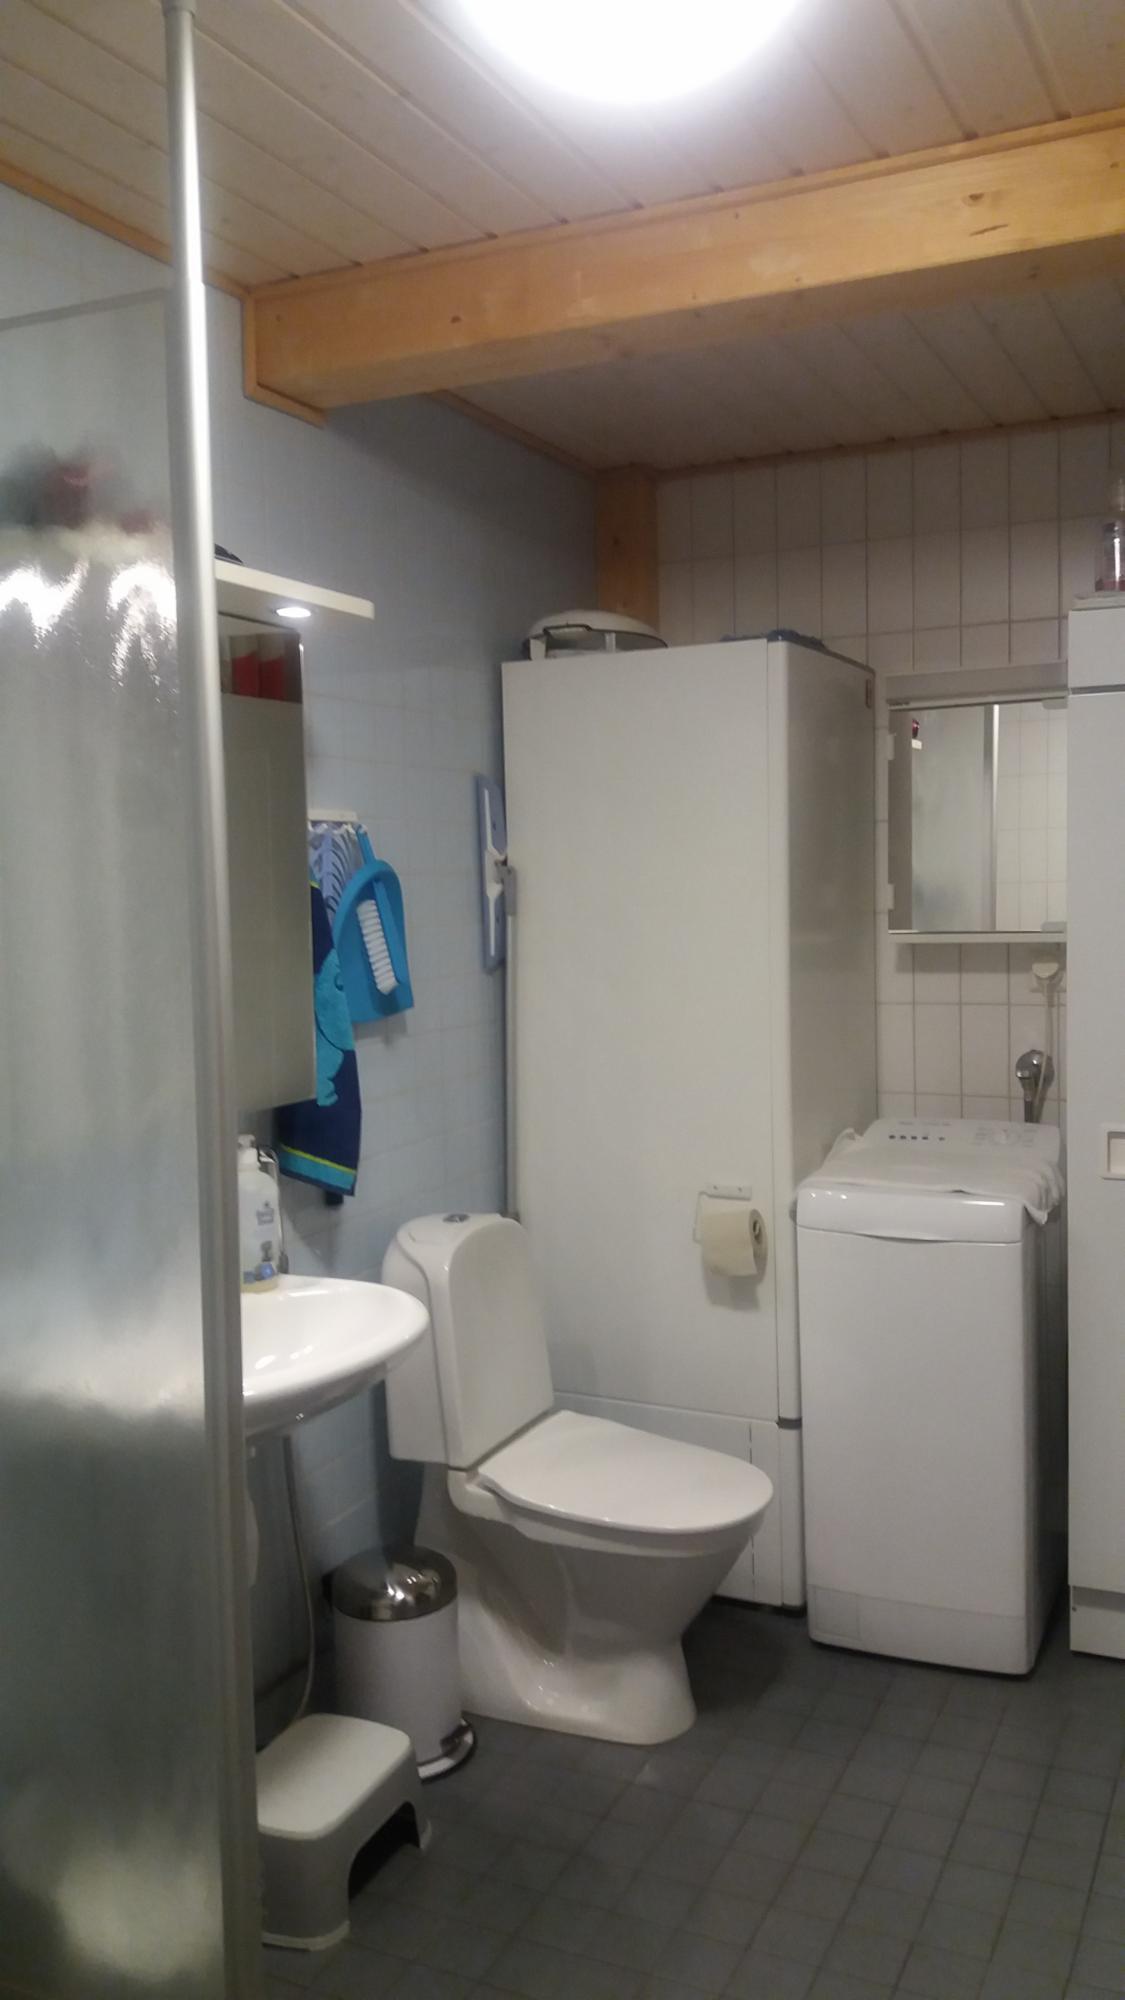 Kylpyhuoneessa on mm. pesukone ja kuivauskaappi.